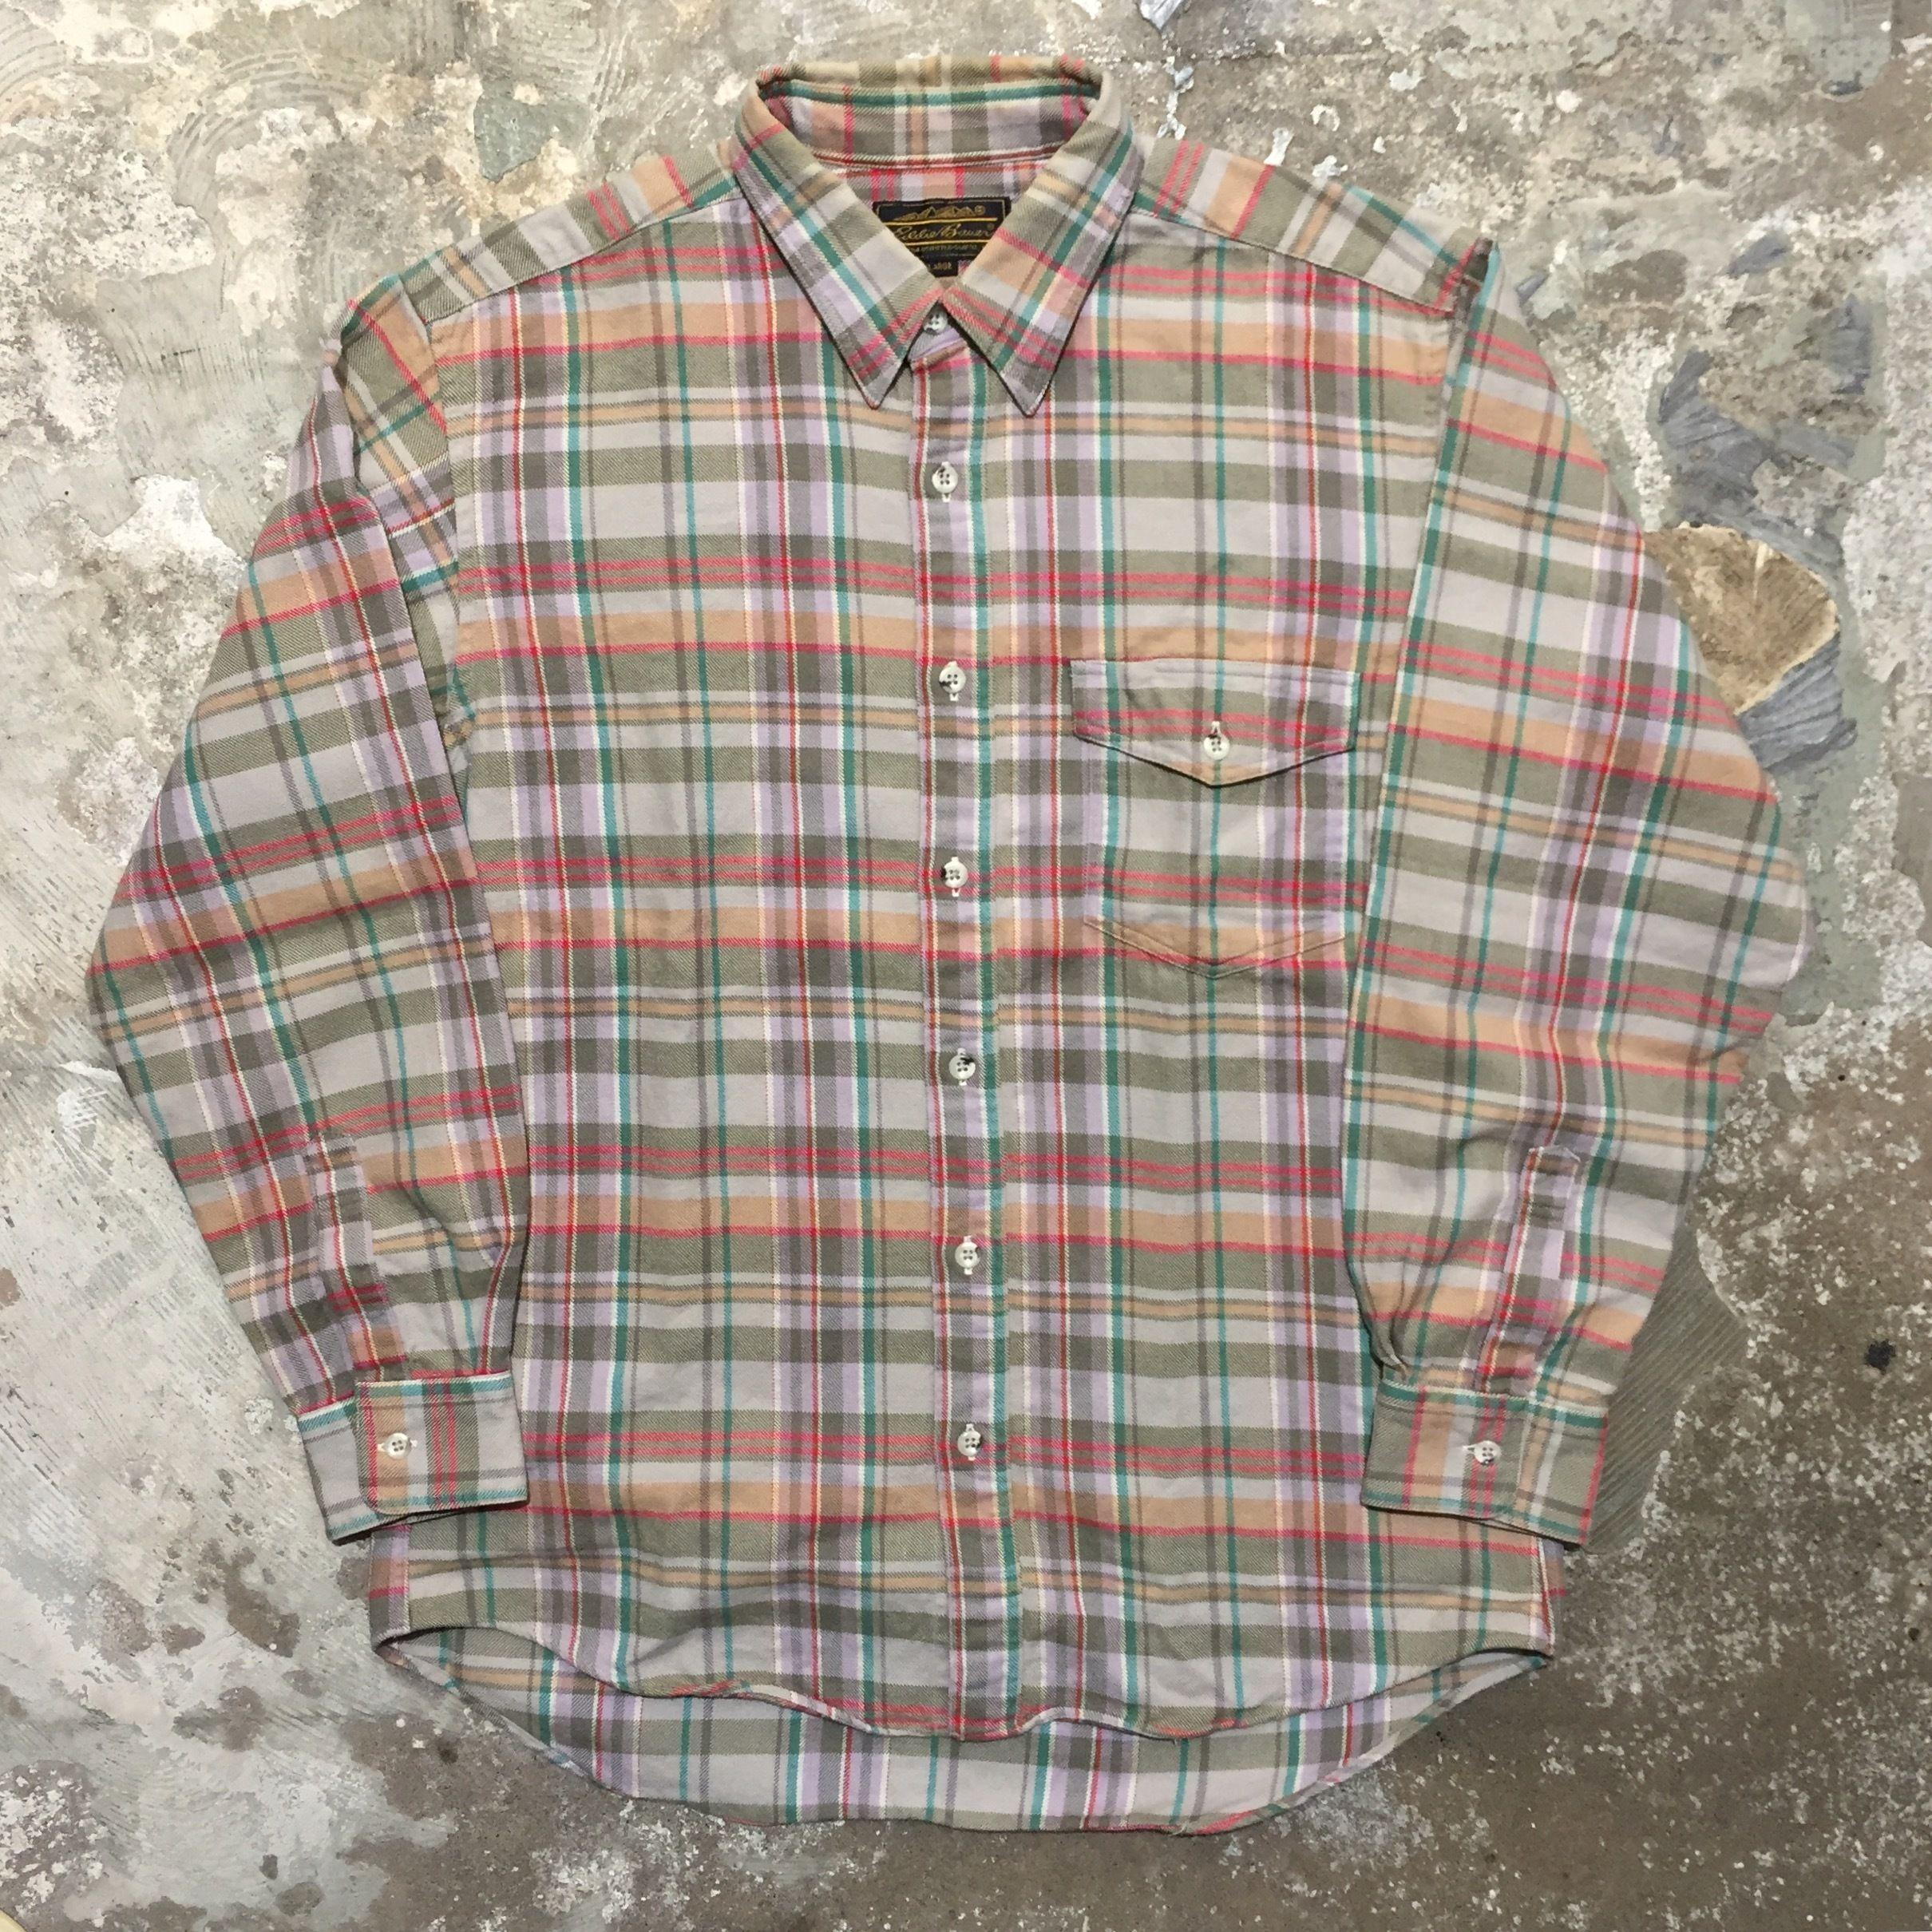 Eddie Bauer Light Flannel Shirt